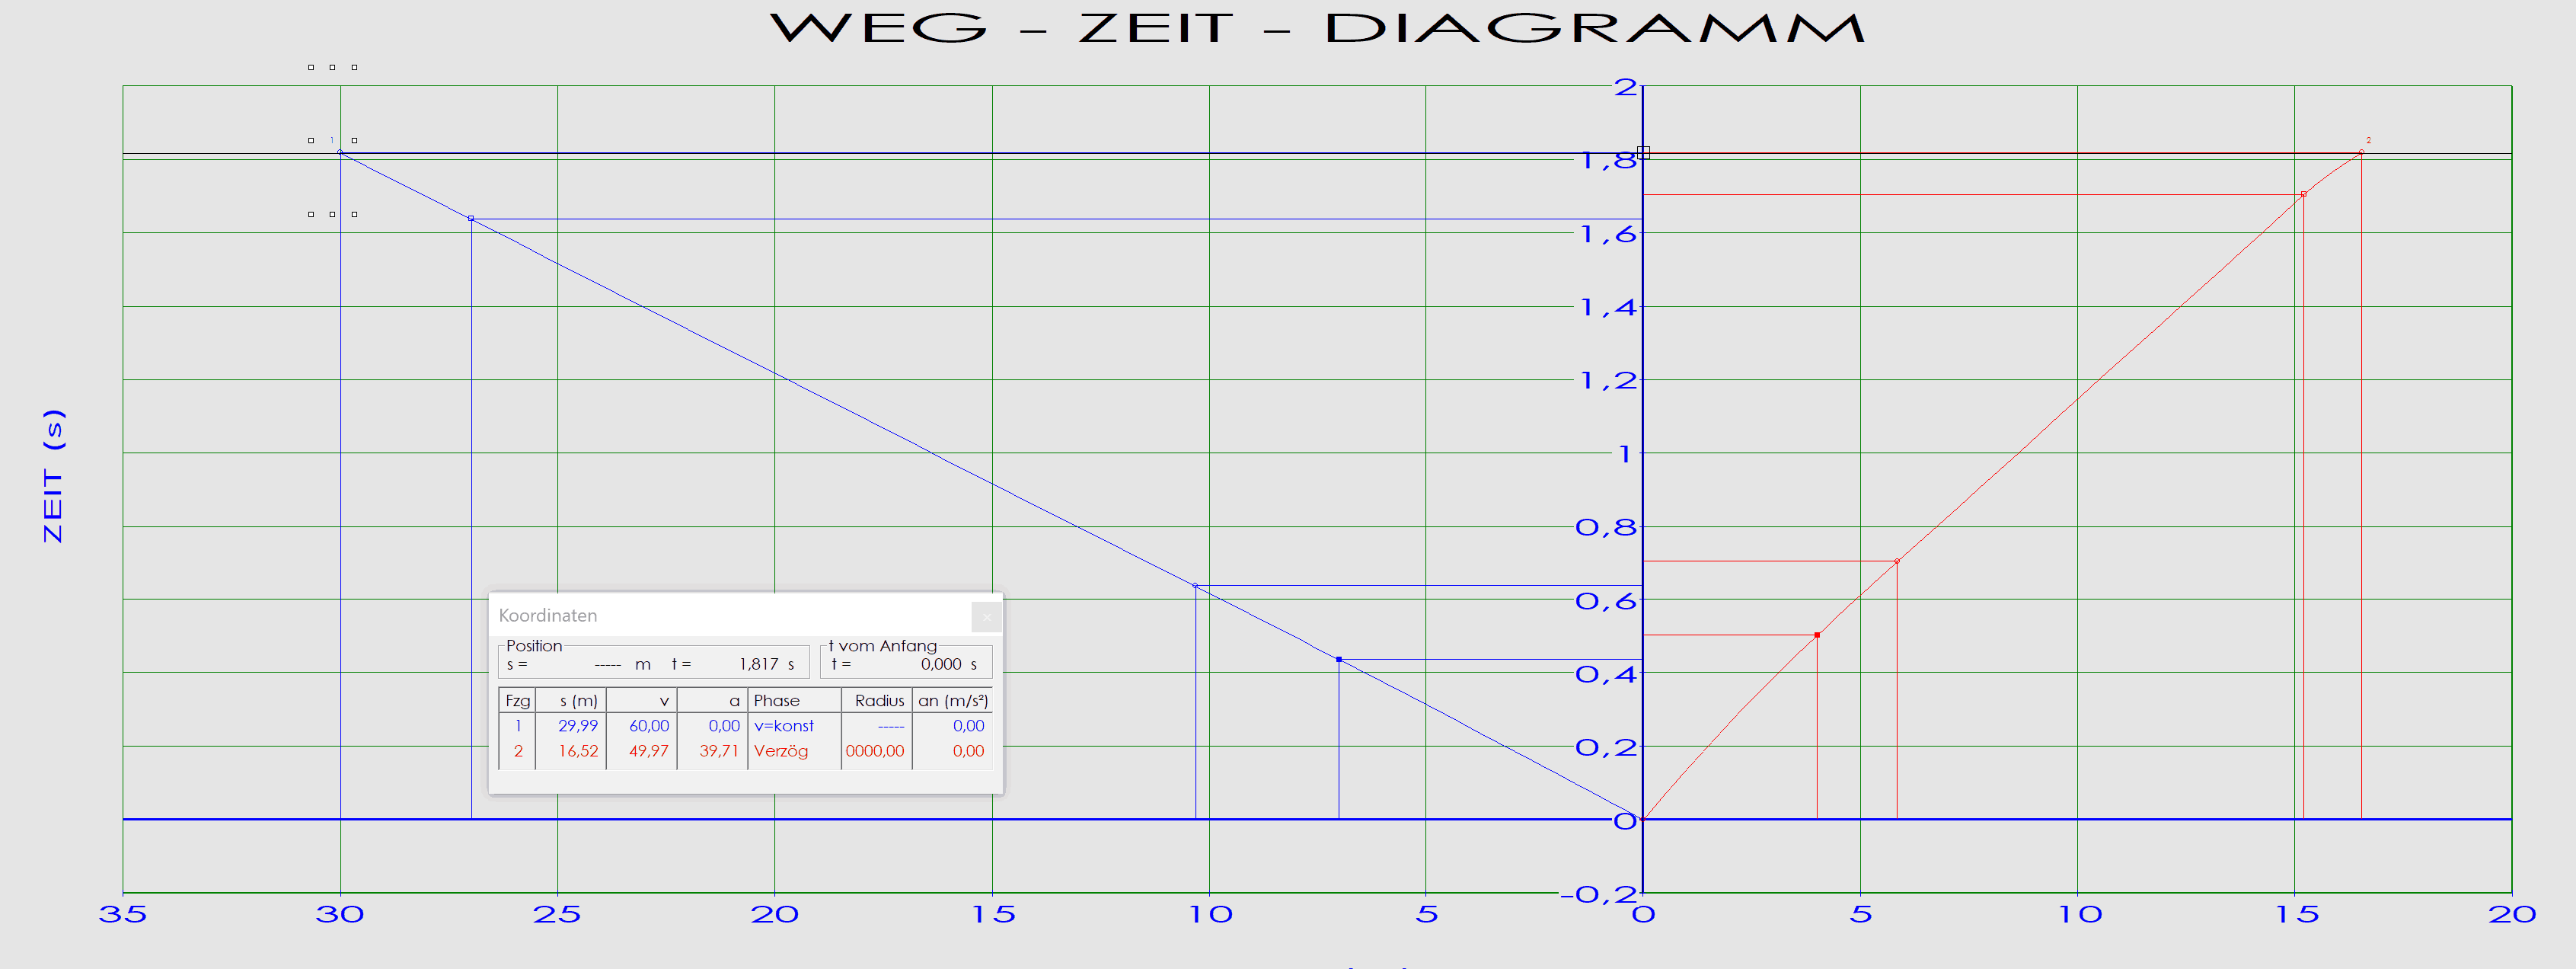 Charmant Fahrzeug Unfallbericht Diagramm Zeitgenössisch - Schaltplan ...